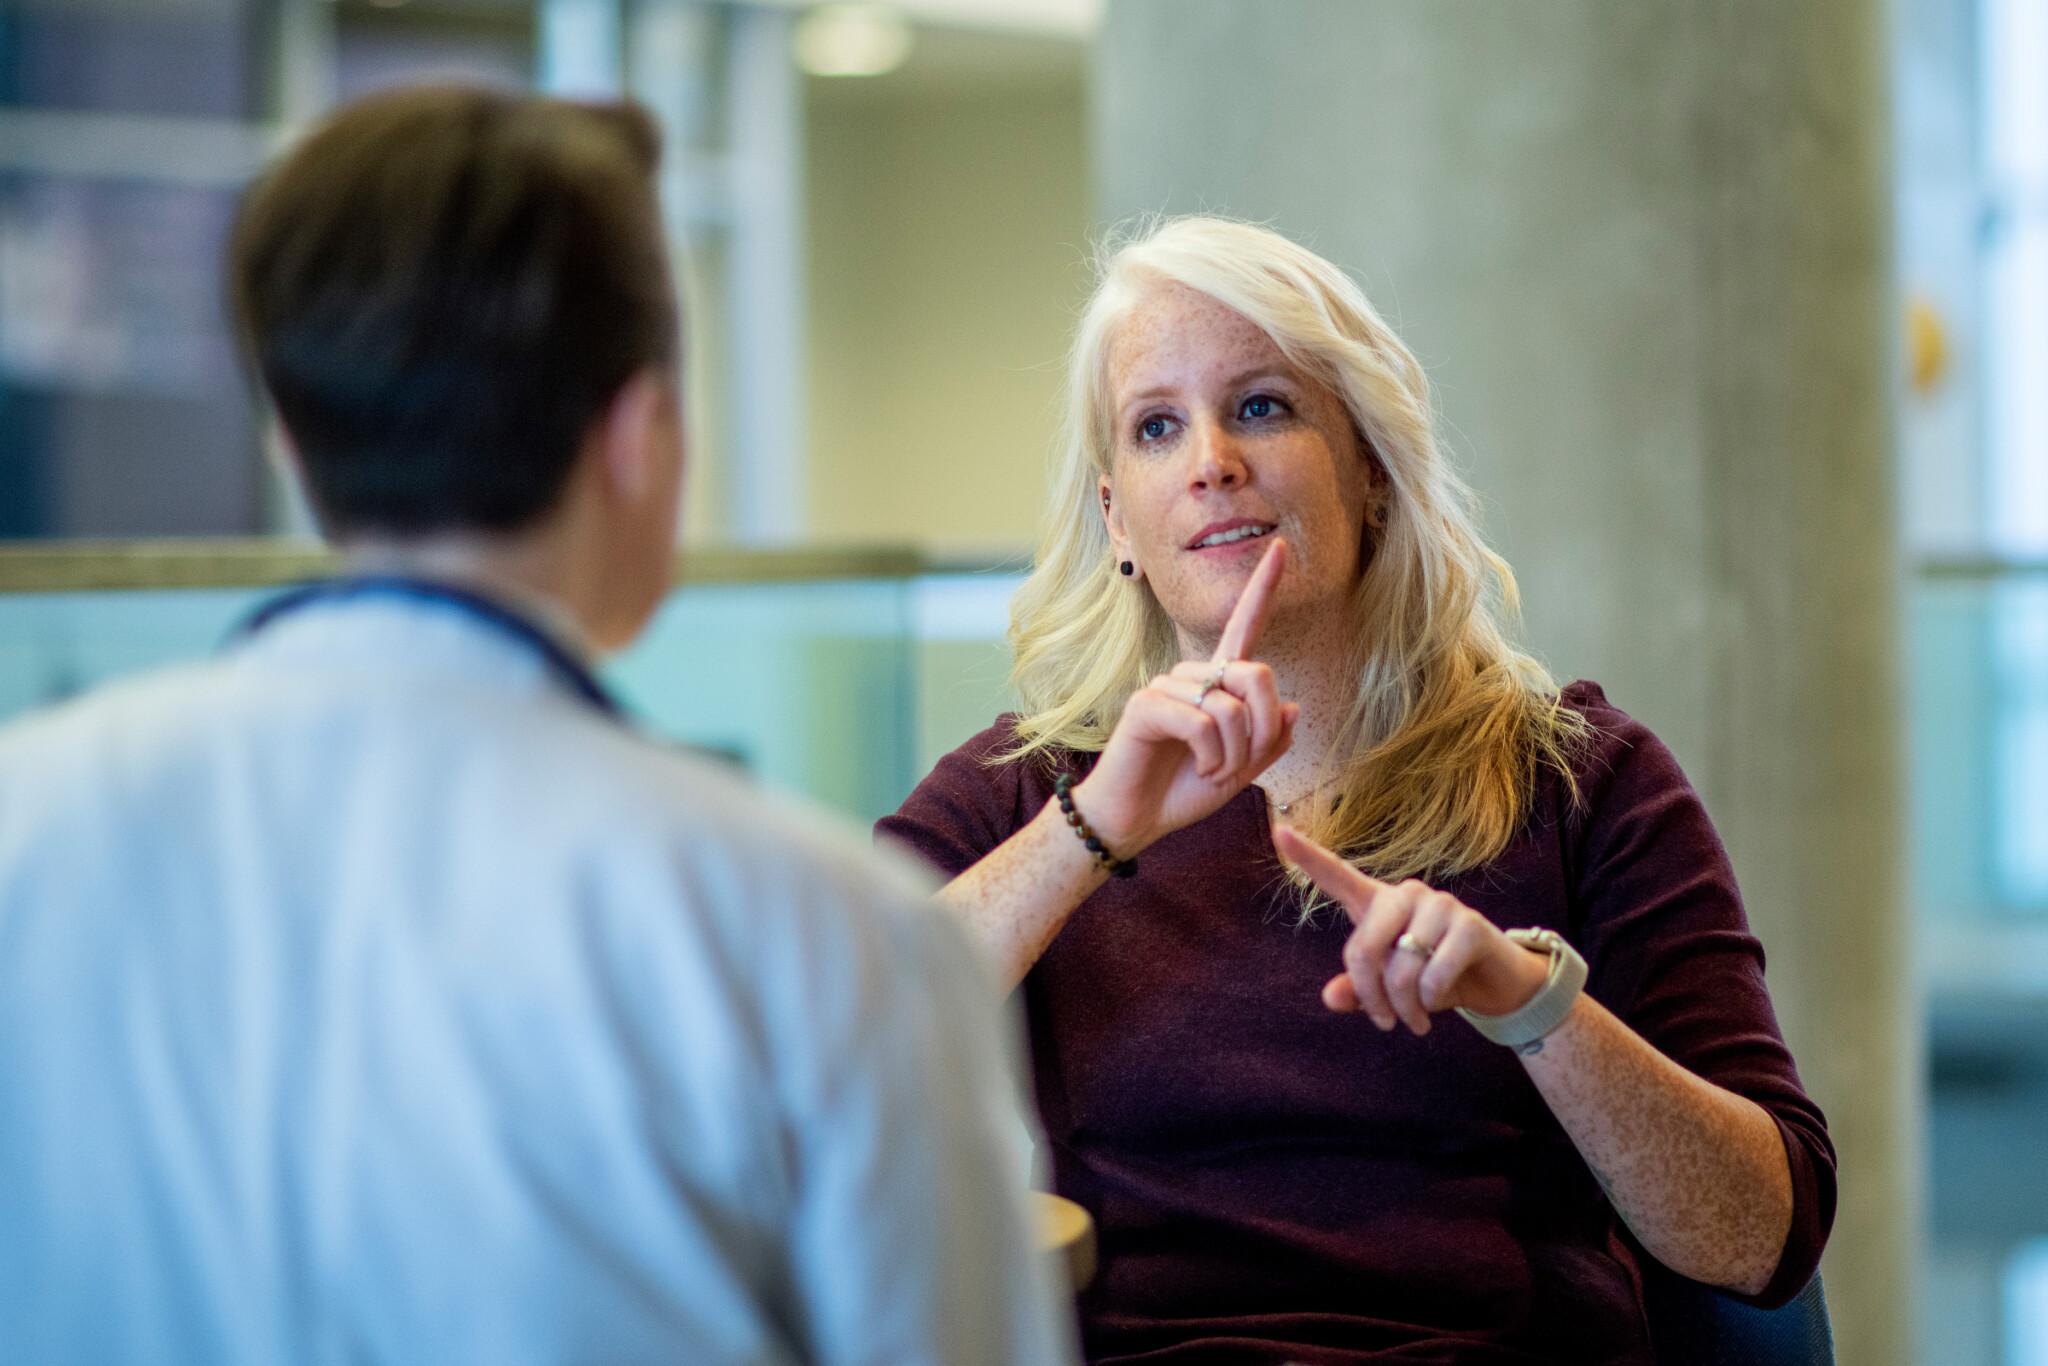 Hörbehinderte und gehörlose Menschen werden tendenziell unter ihrem Potential rekrutiert. Von erfahrenen Arbeitgebern lernen lohnt sich!